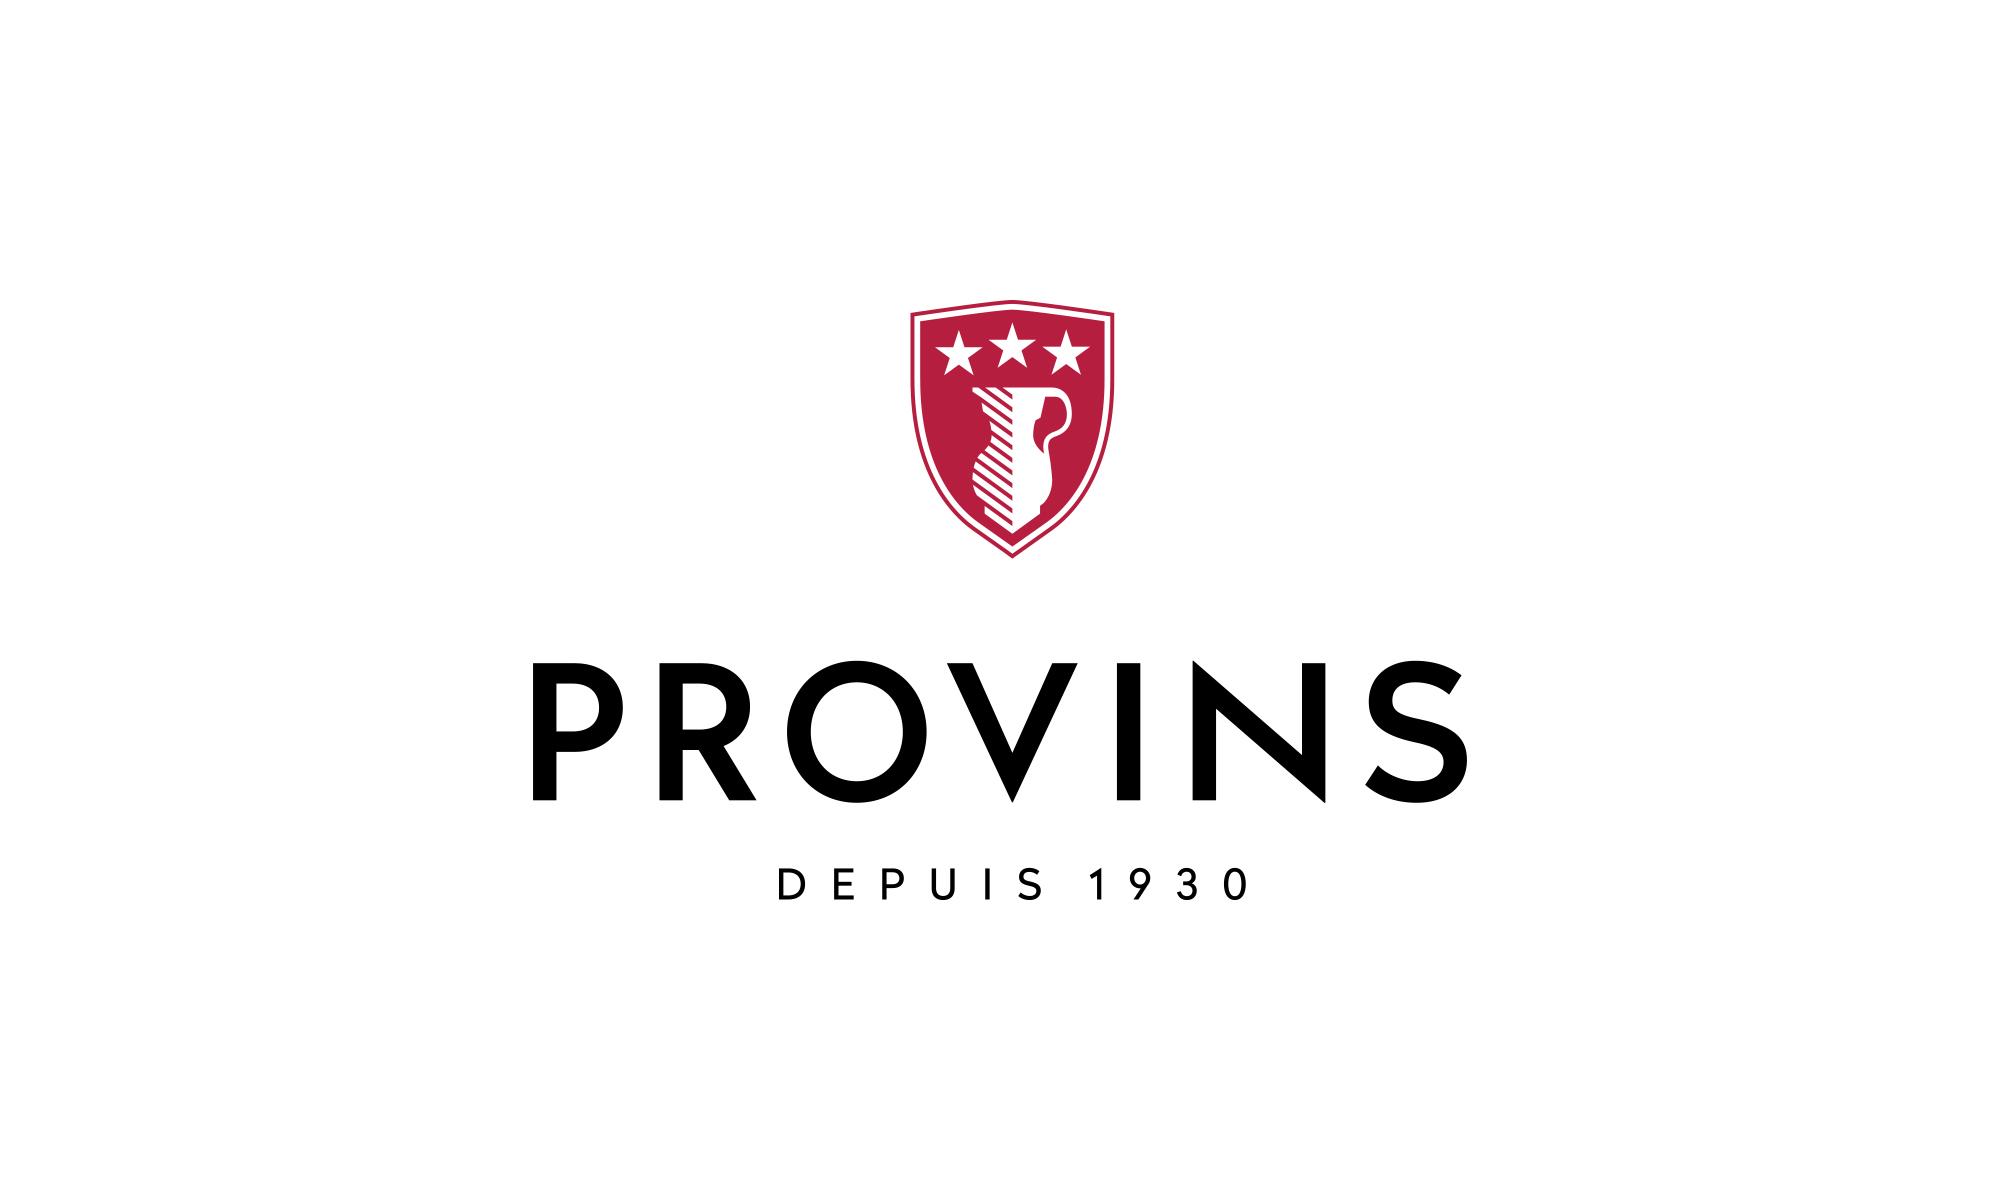 provins-logo2